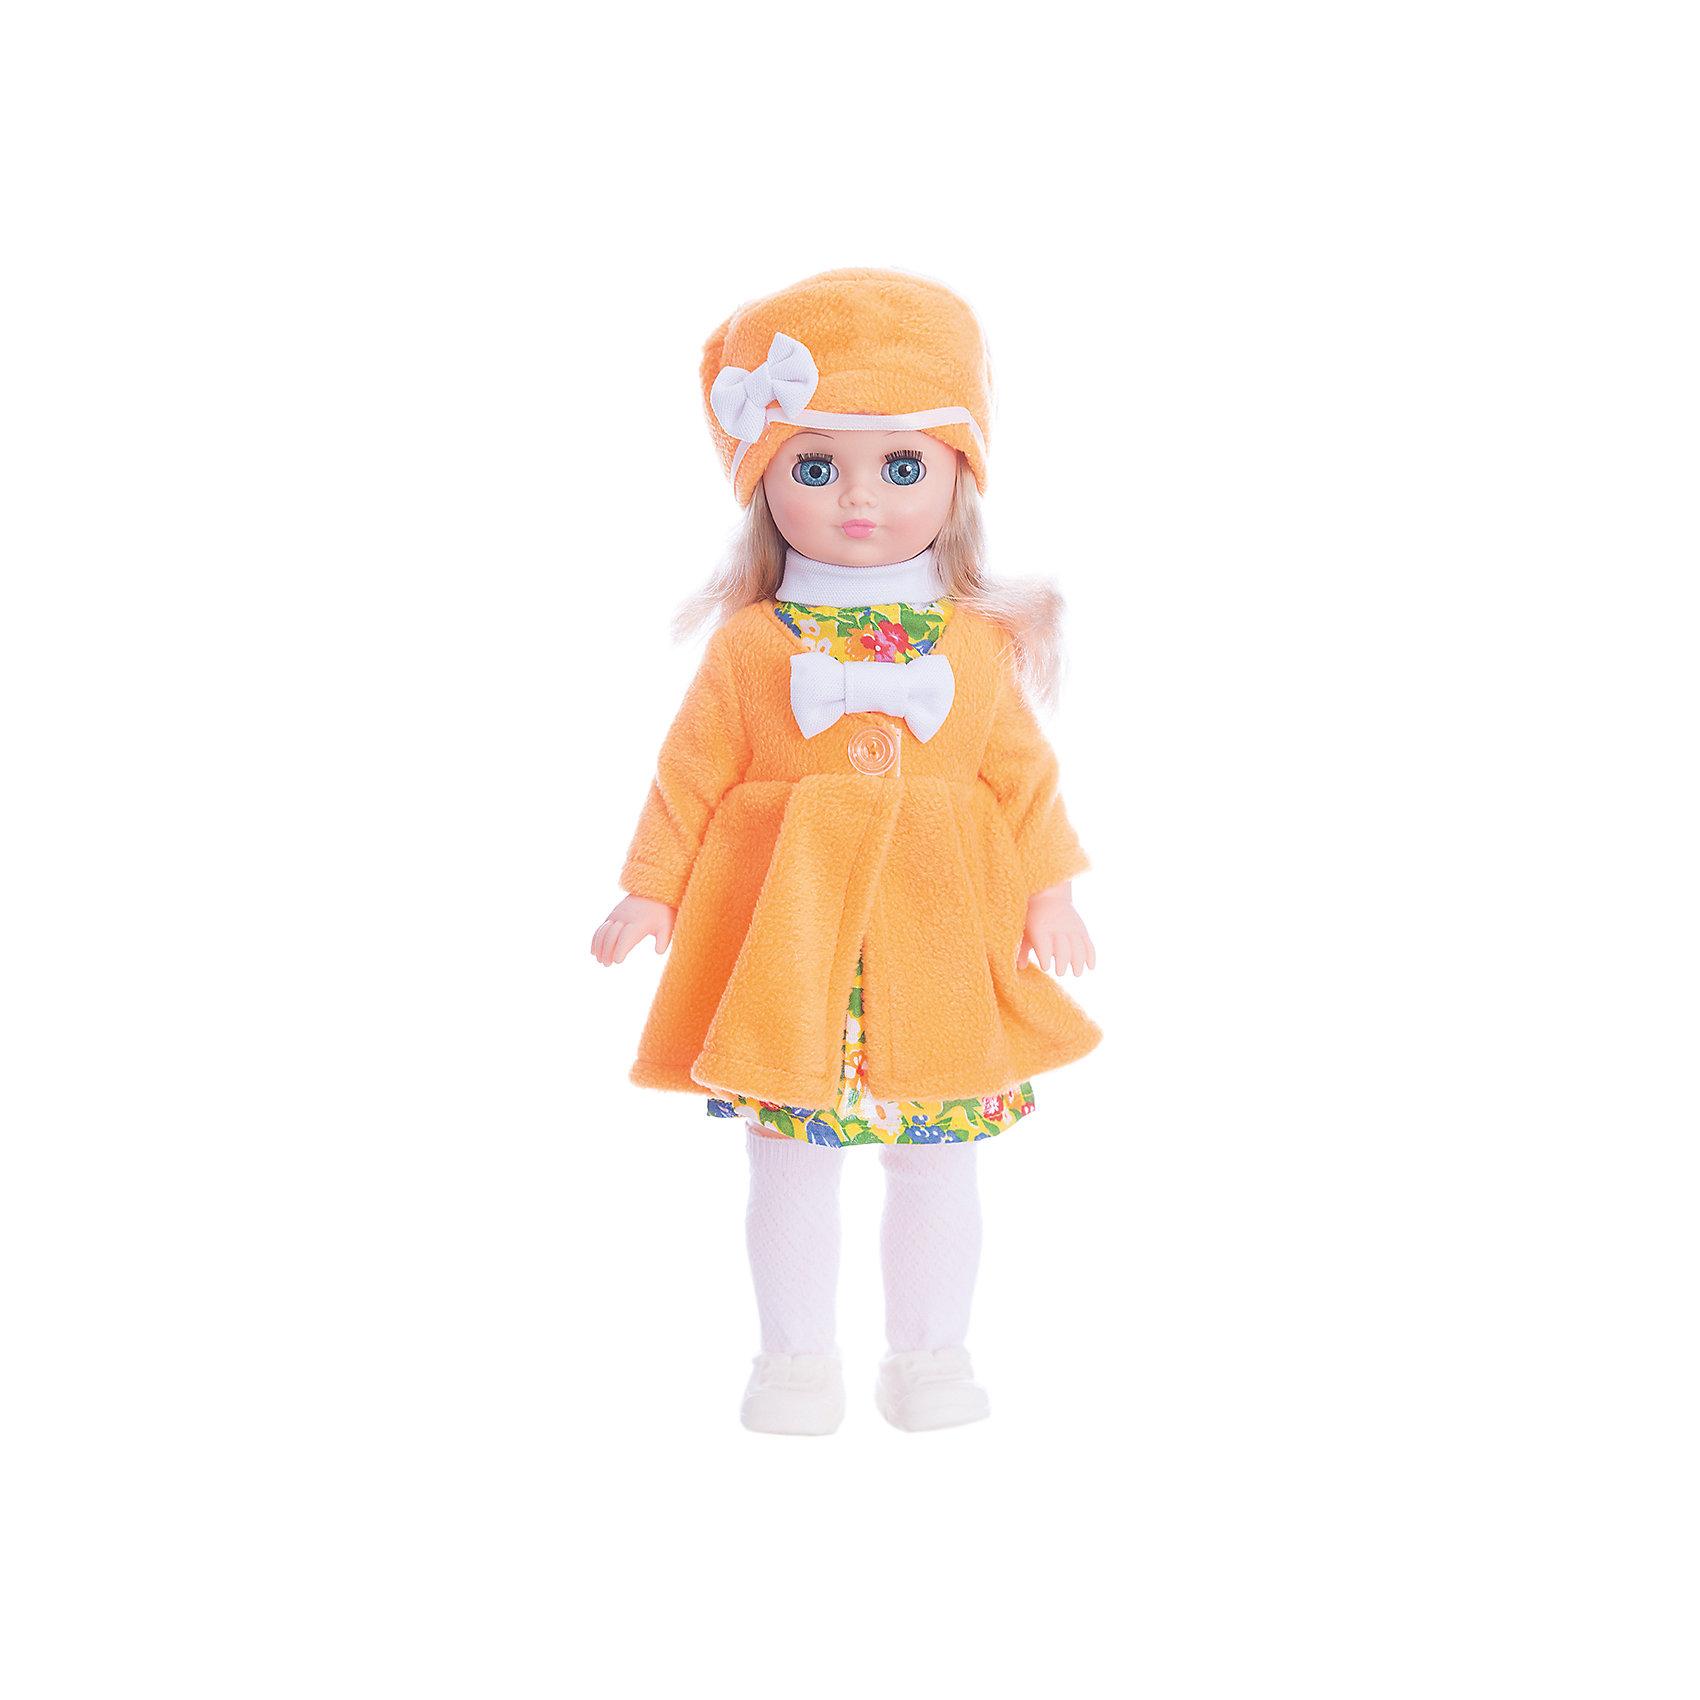 Кукла Лиза 20, со звуком, ВеснаКлассические куклы<br>Большая очень красивая кукла от отечественного производителя способна не просто помочь ребенку весело проводить время, но и научить девочку одеваться со вкусом. На ней - модный костюм, всё можно снимать и надевать.<br>Кукла произносит несколько фраз, механизм работает от батареек. Очень красиво смотрятся пышные волосы, на которых можно делать прически. Сделана игрушка из качественных и безопасных для ребенка материалов. Такая кукла поможет ребенку освоить механизмы социальных взаимодействий, развить моторику и воображение. Также куклы помогают девочкам научиться заботиться о других.<br><br>Дополнительная информация:<br><br>- материал: пластмасса;<br>- волосы: прошивные;<br>- открывающиеся глаза;<br>- звуковой модуль;<br>- снимающаяся одежда и обувь;<br>- высота: 42 см.<br><br>Комплектация:<br><br>- одежда;<br>- три батарейки СЦ 357.<br><br>Куклу Инна 19, со звуком, от марки Весна можно купить в нашем магазине.<br><br>Ширина мм: 420<br>Глубина мм: 240<br>Высота мм: 440<br>Вес г: 750<br>Возраст от месяцев: 36<br>Возраст до месяцев: 1188<br>Пол: Женский<br>Возраст: Детский<br>SKU: 4701835